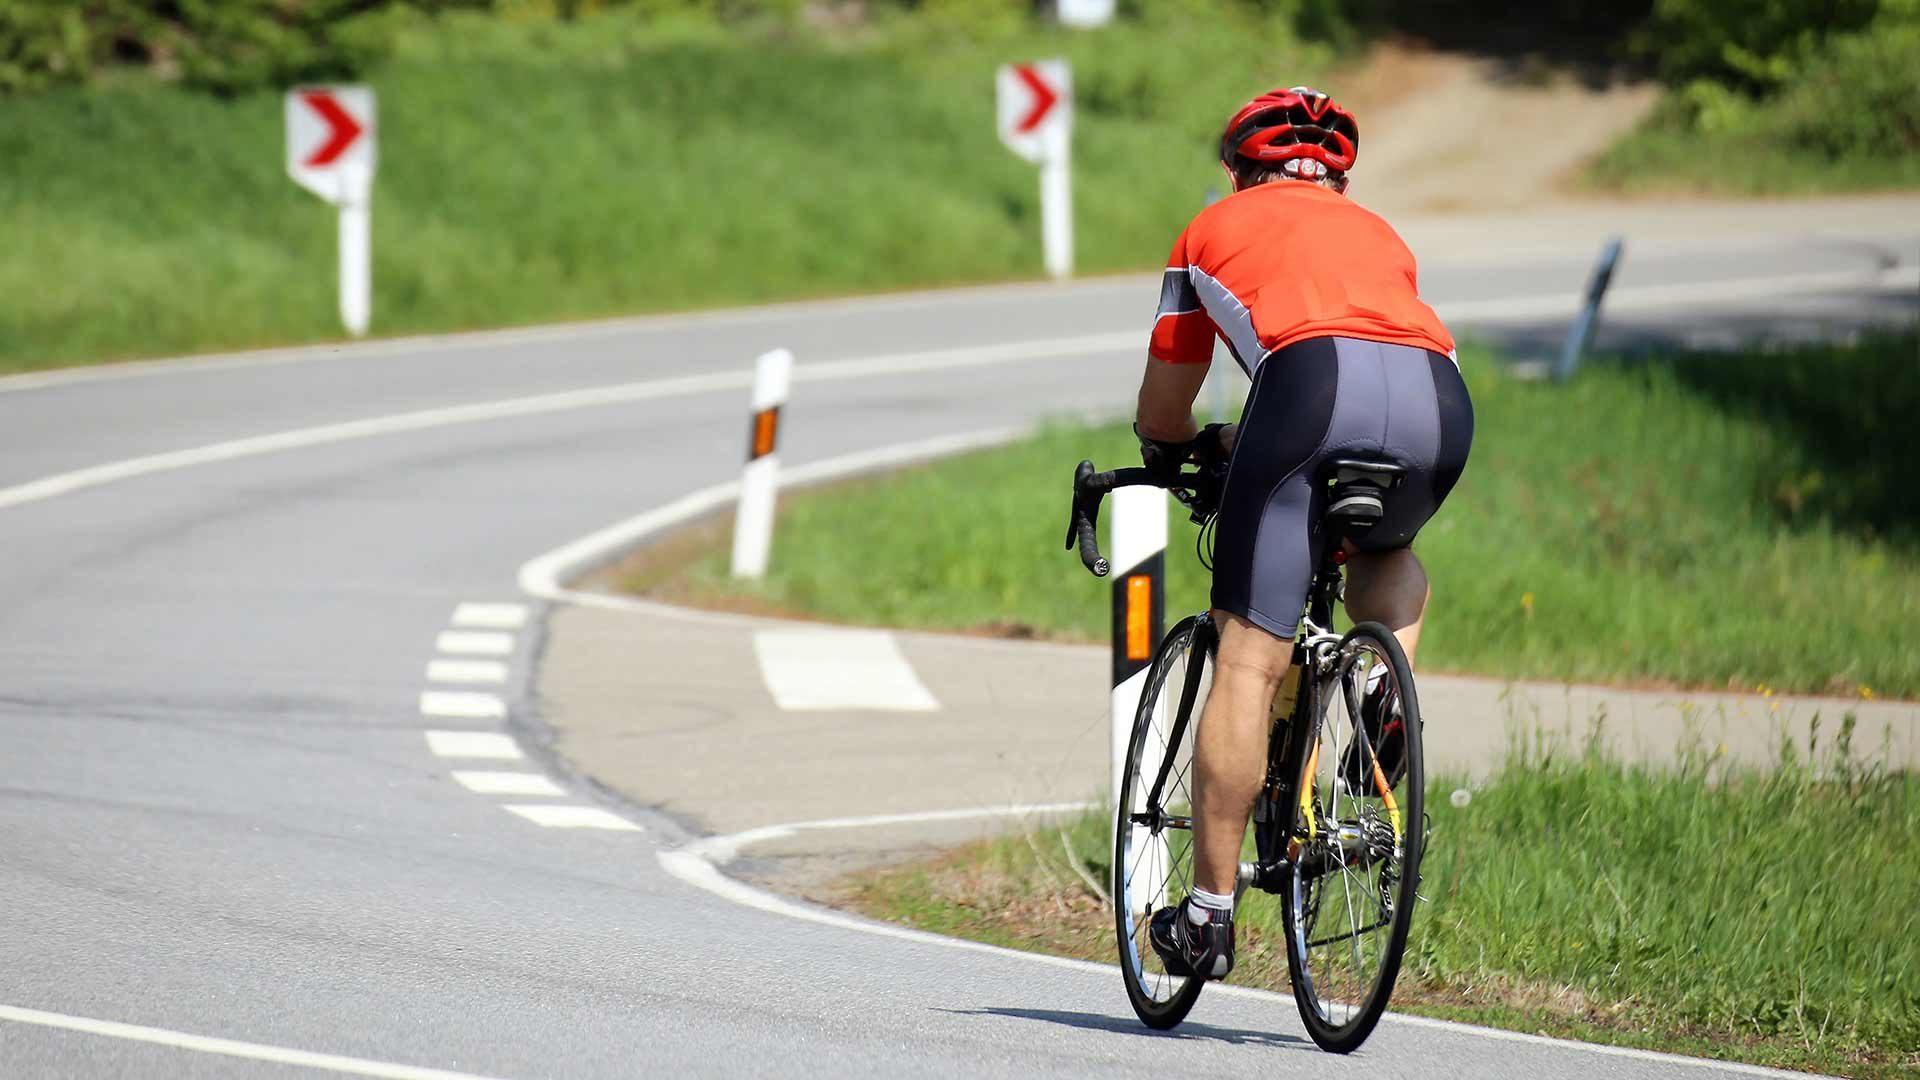 Tour in bicicletta - Passo delle Palade e Passo della Mendola